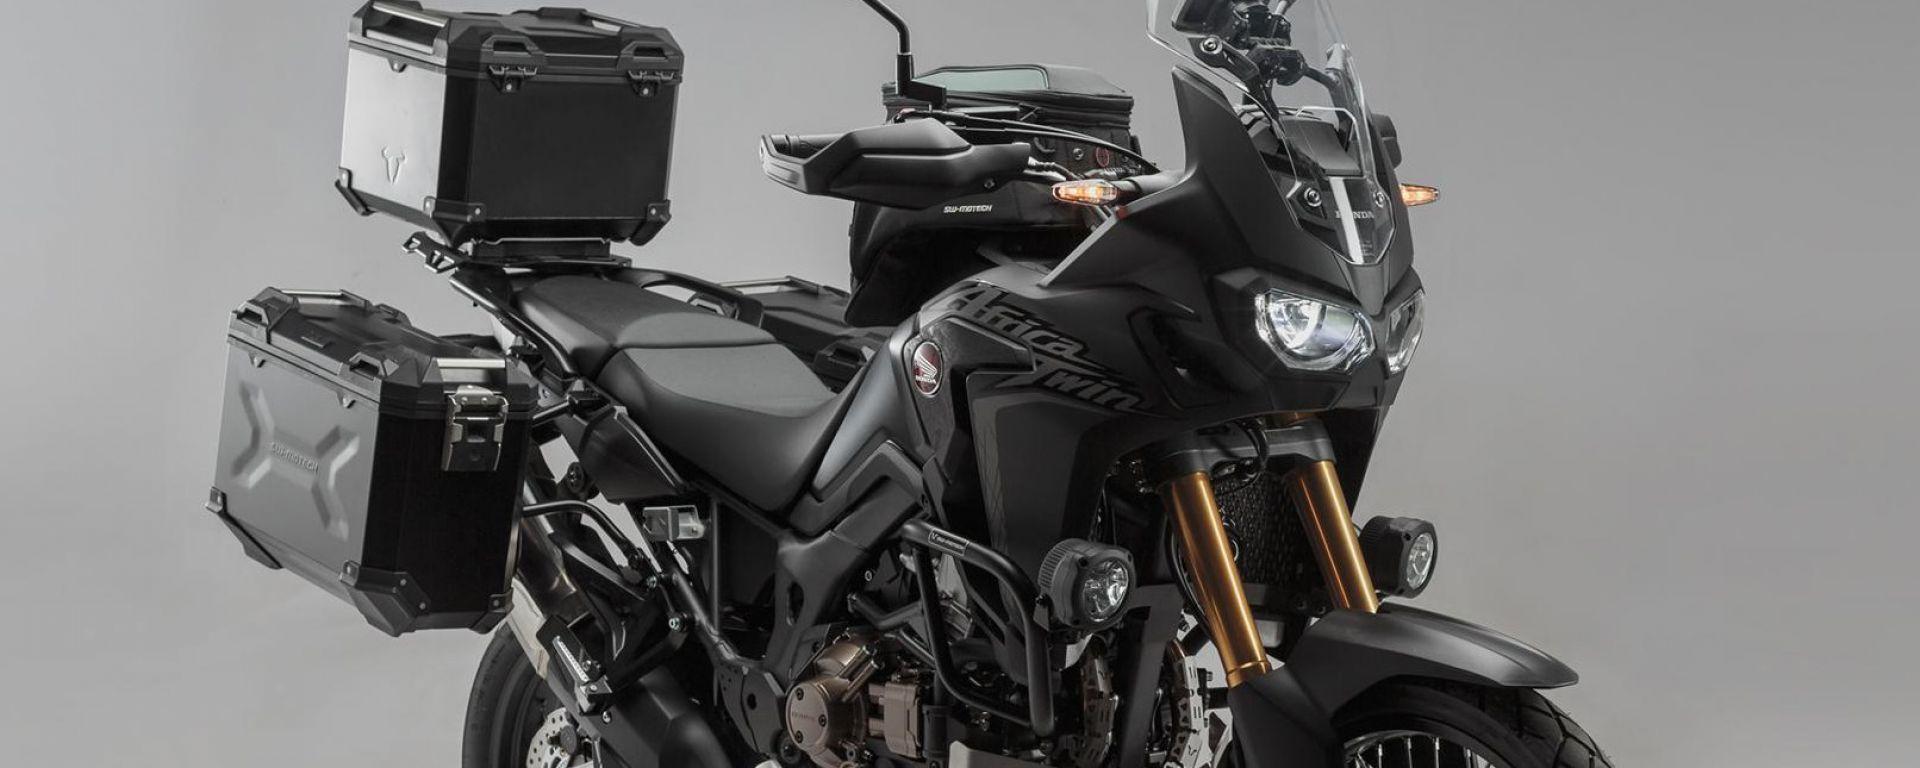 SW-Motech: kit accessori per Honda Africa Twin